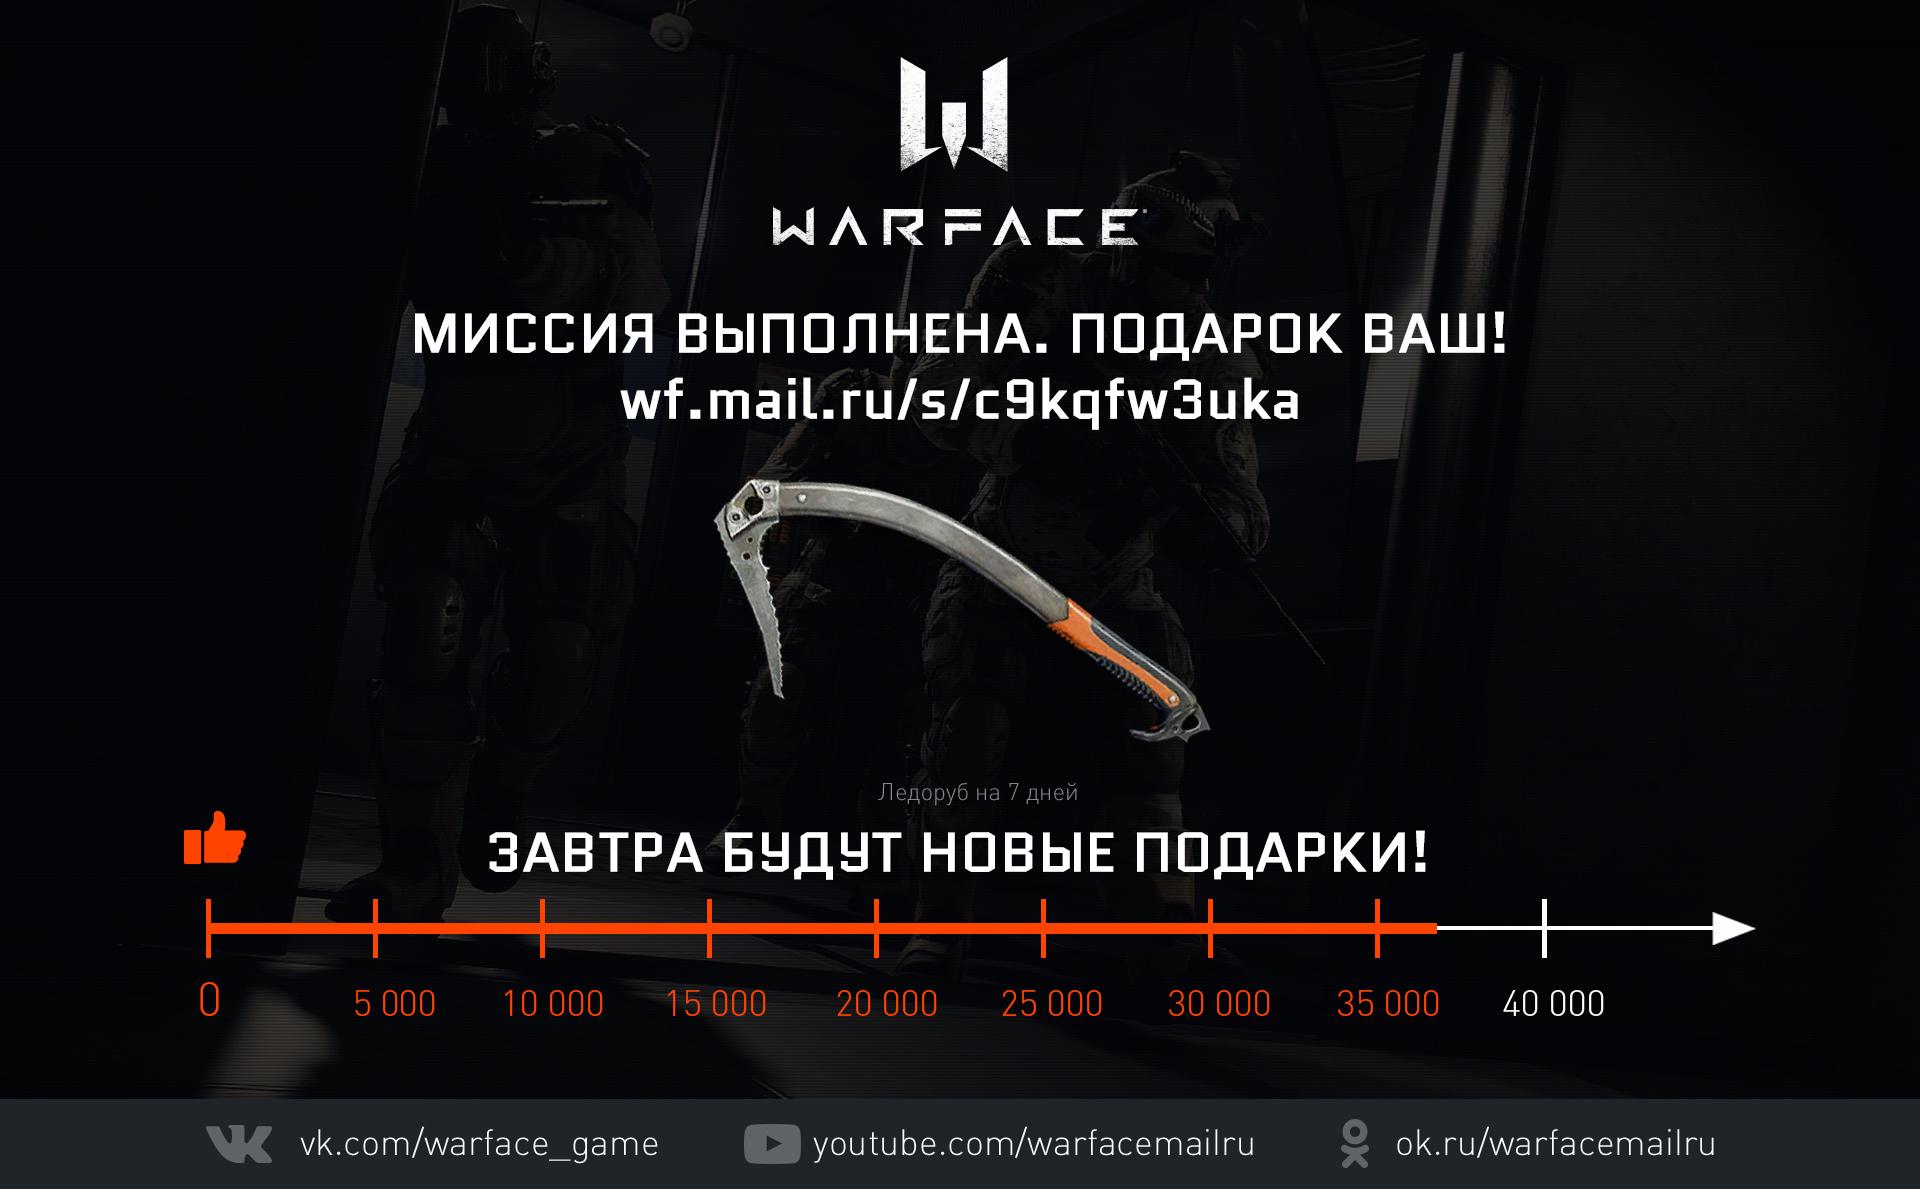 Как получить оружие на 30 дней в Варфейс? Забрать подарки Warface